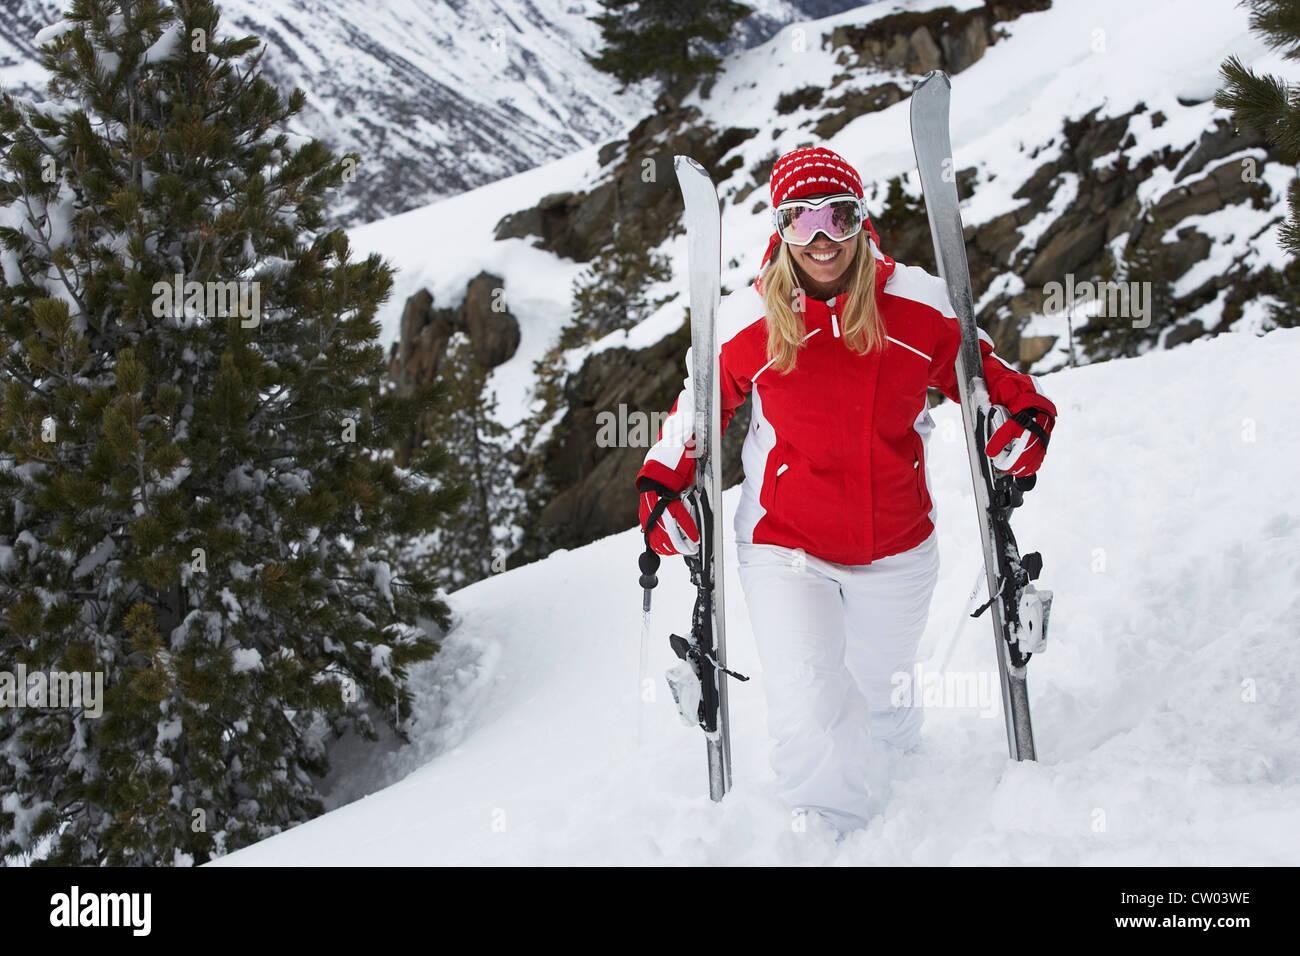 Skifahrer auf verschneiten Hang stehend Stockbild